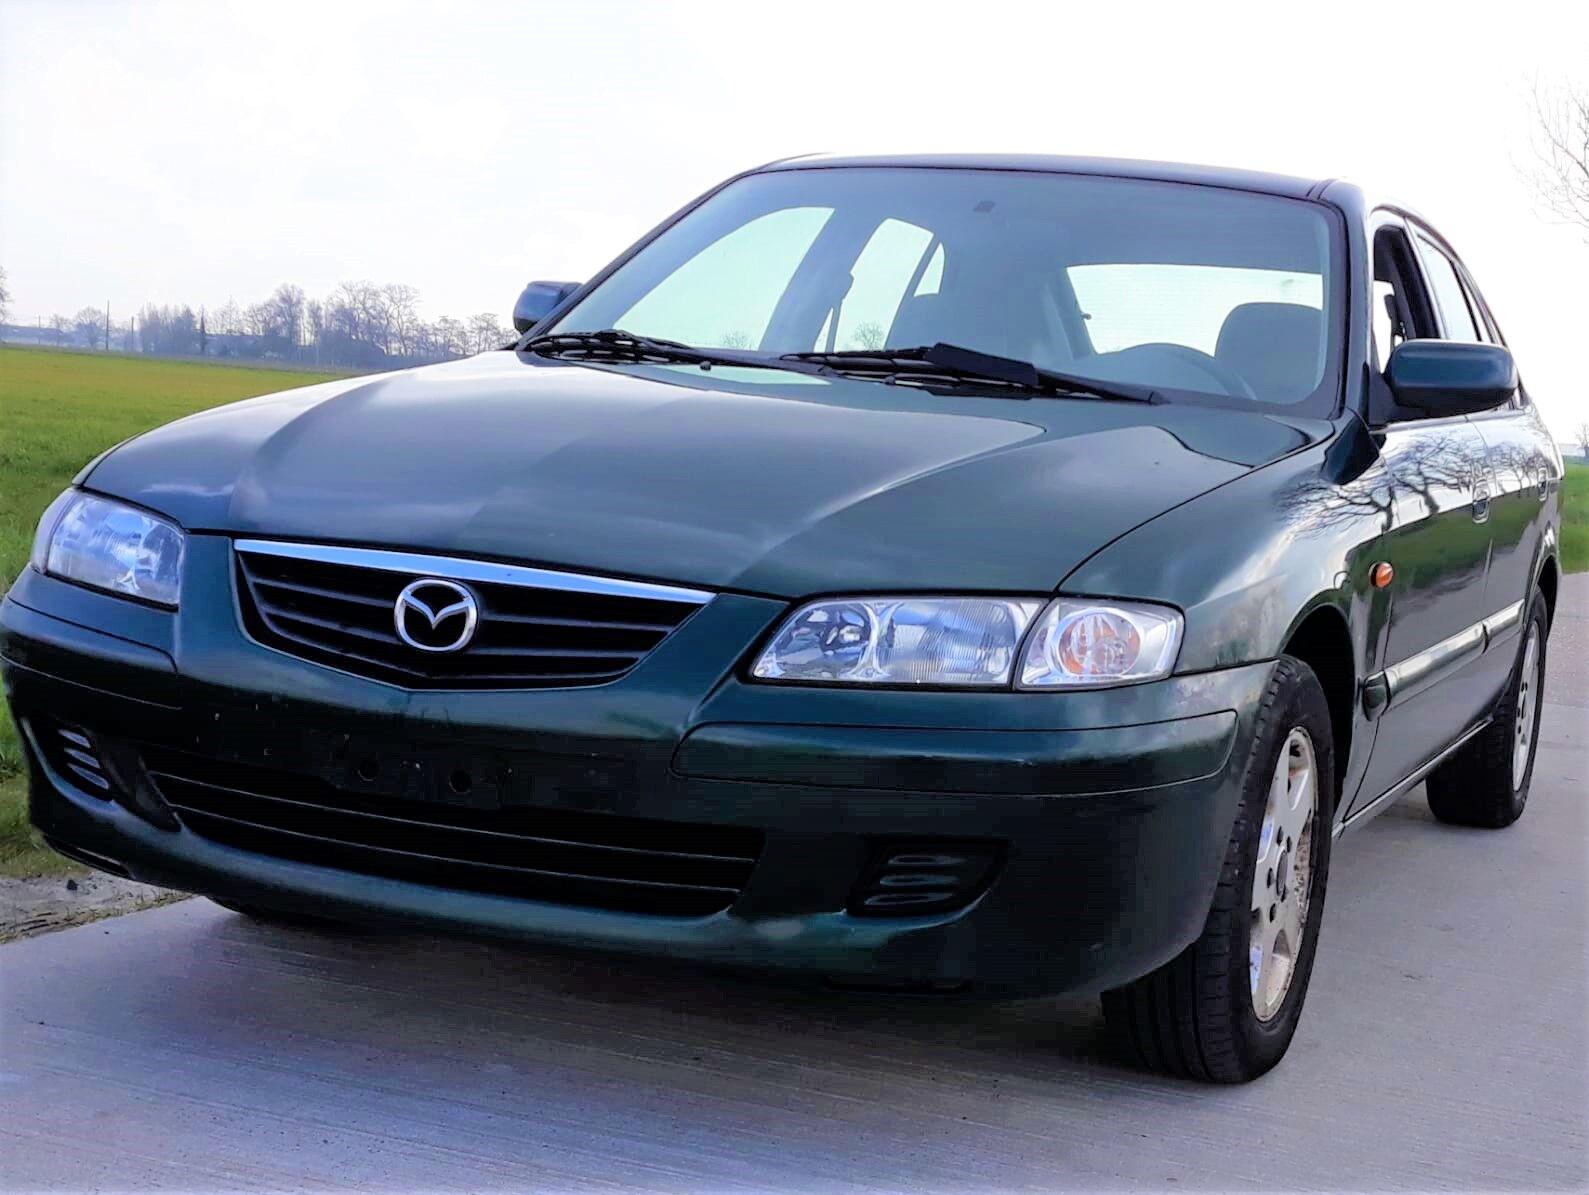 Mazda 626 1.8 1/15